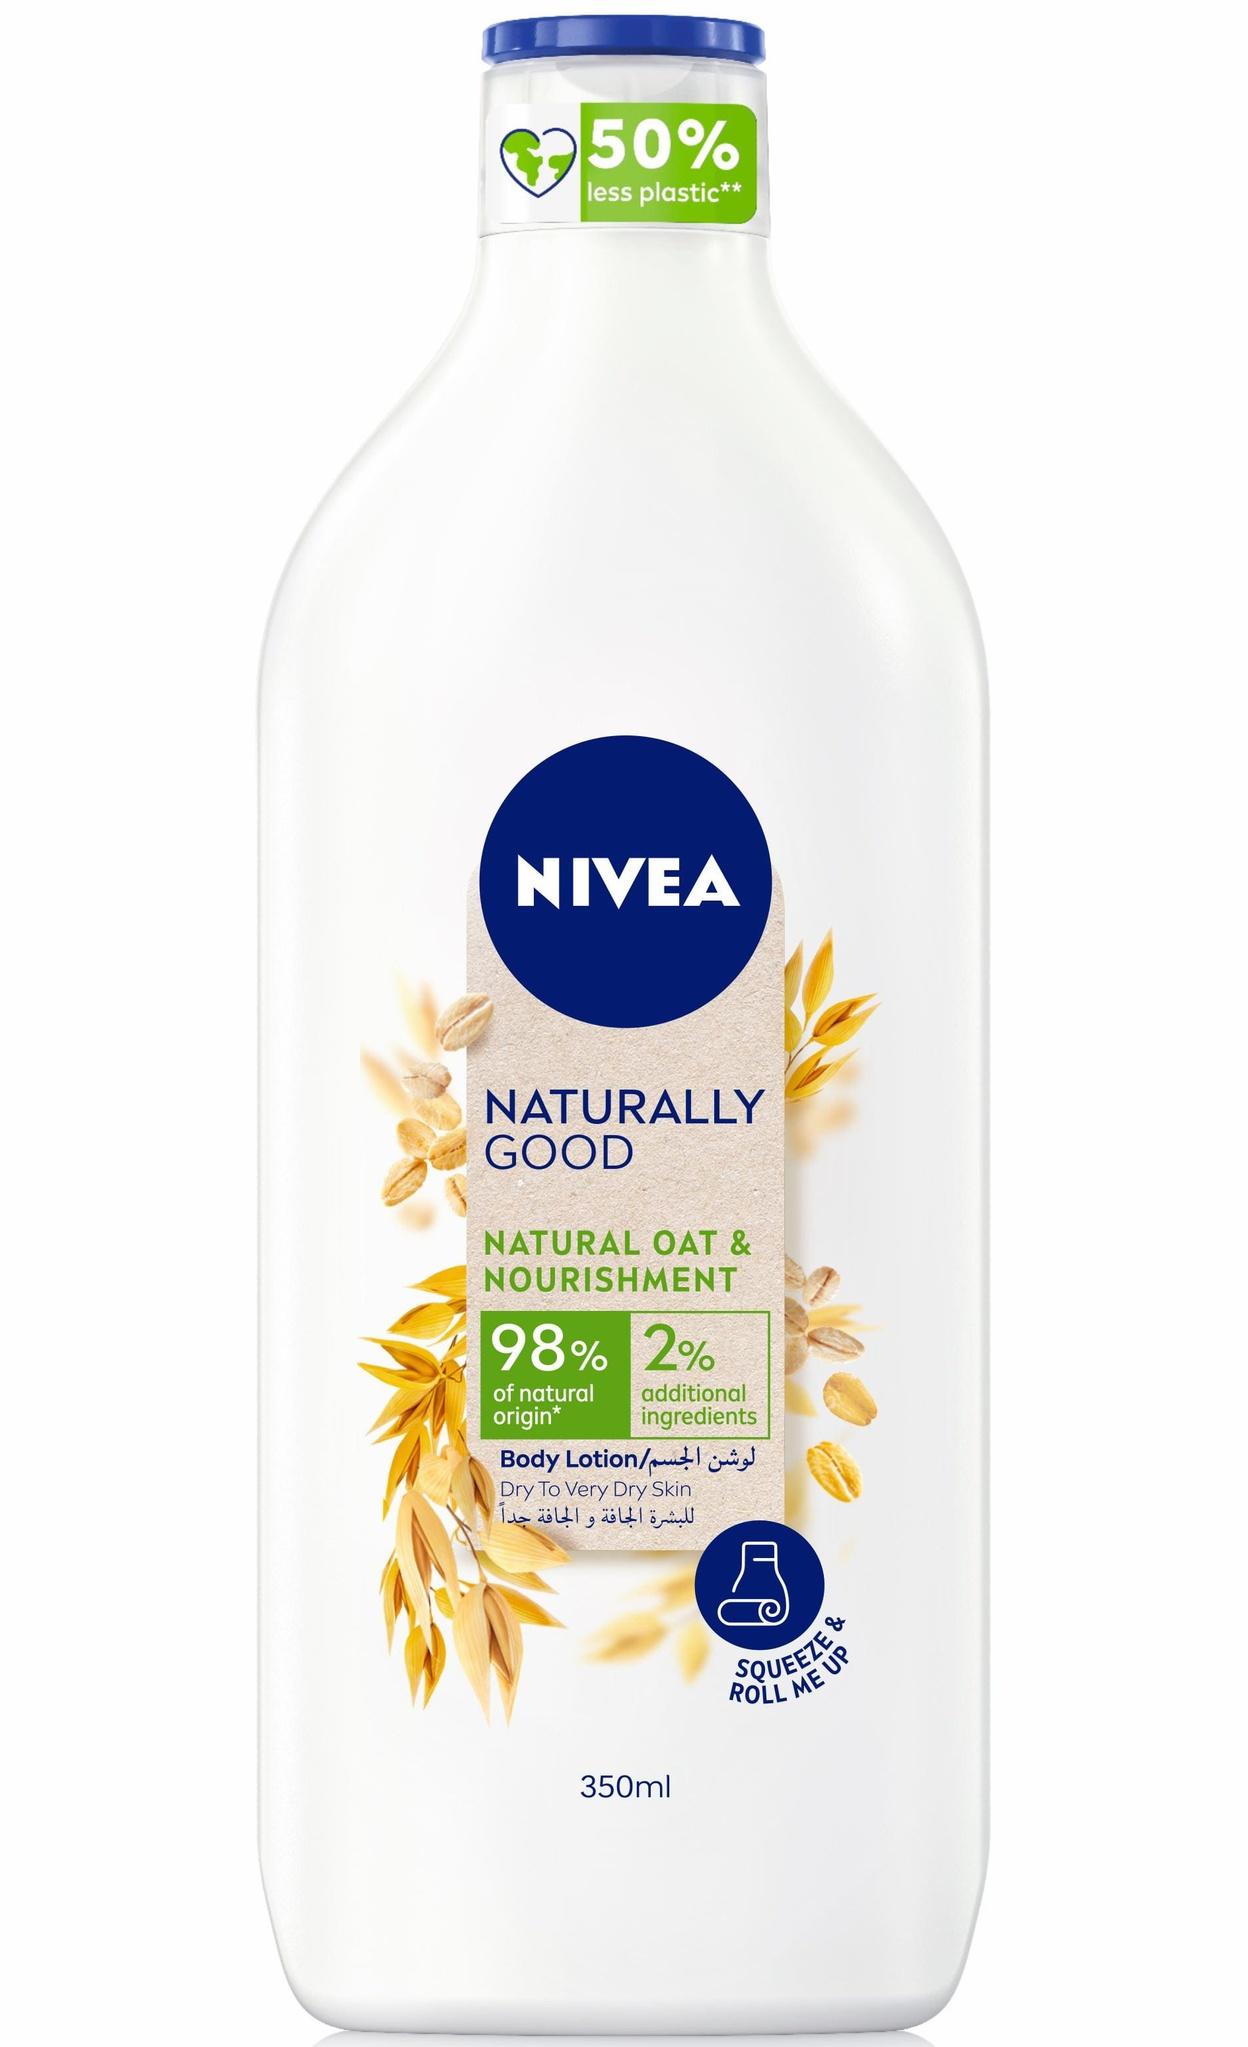 Nivea Naturally Good Natural Oats Body Lotion